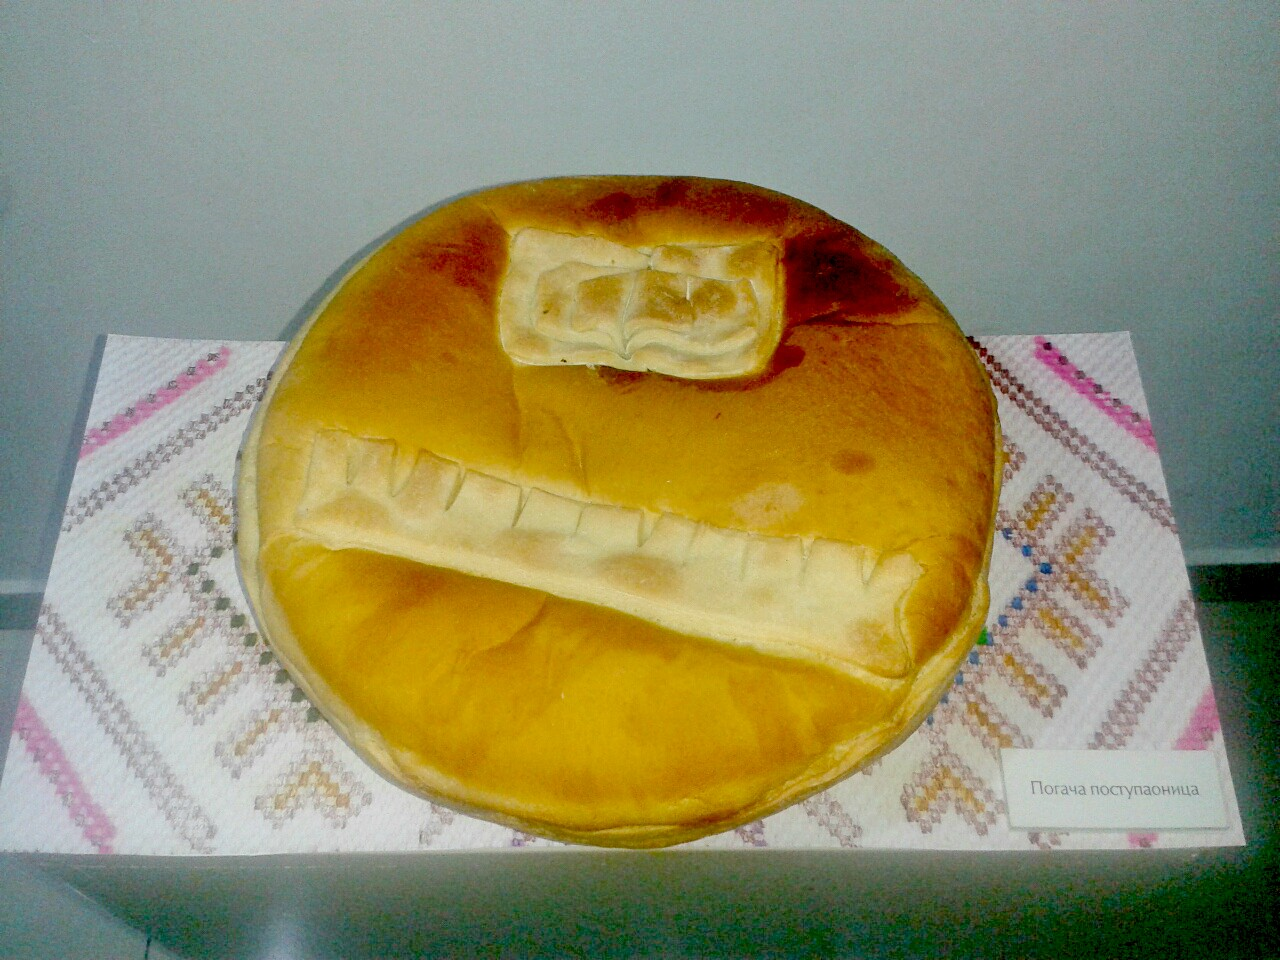 Razvoj pekarskog zanata kroz istoriju